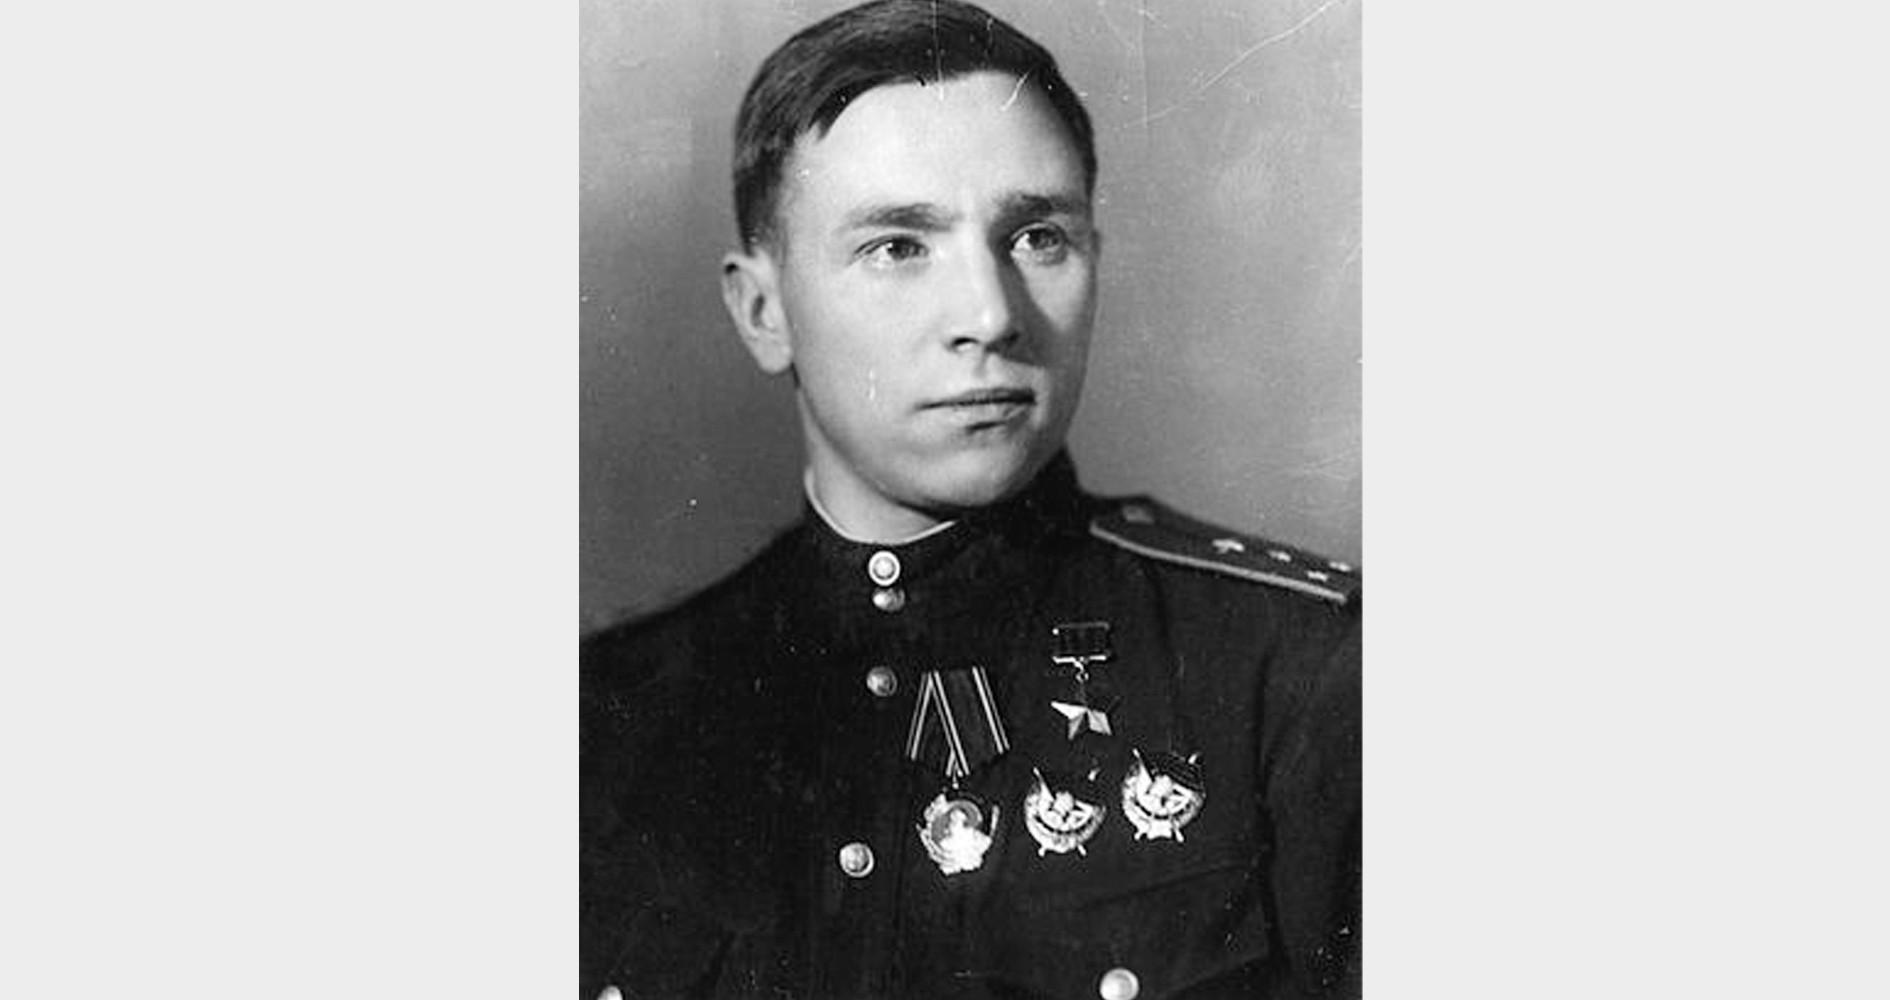 Минобороны опубликовало документы о подвигах защитников Сталинграда